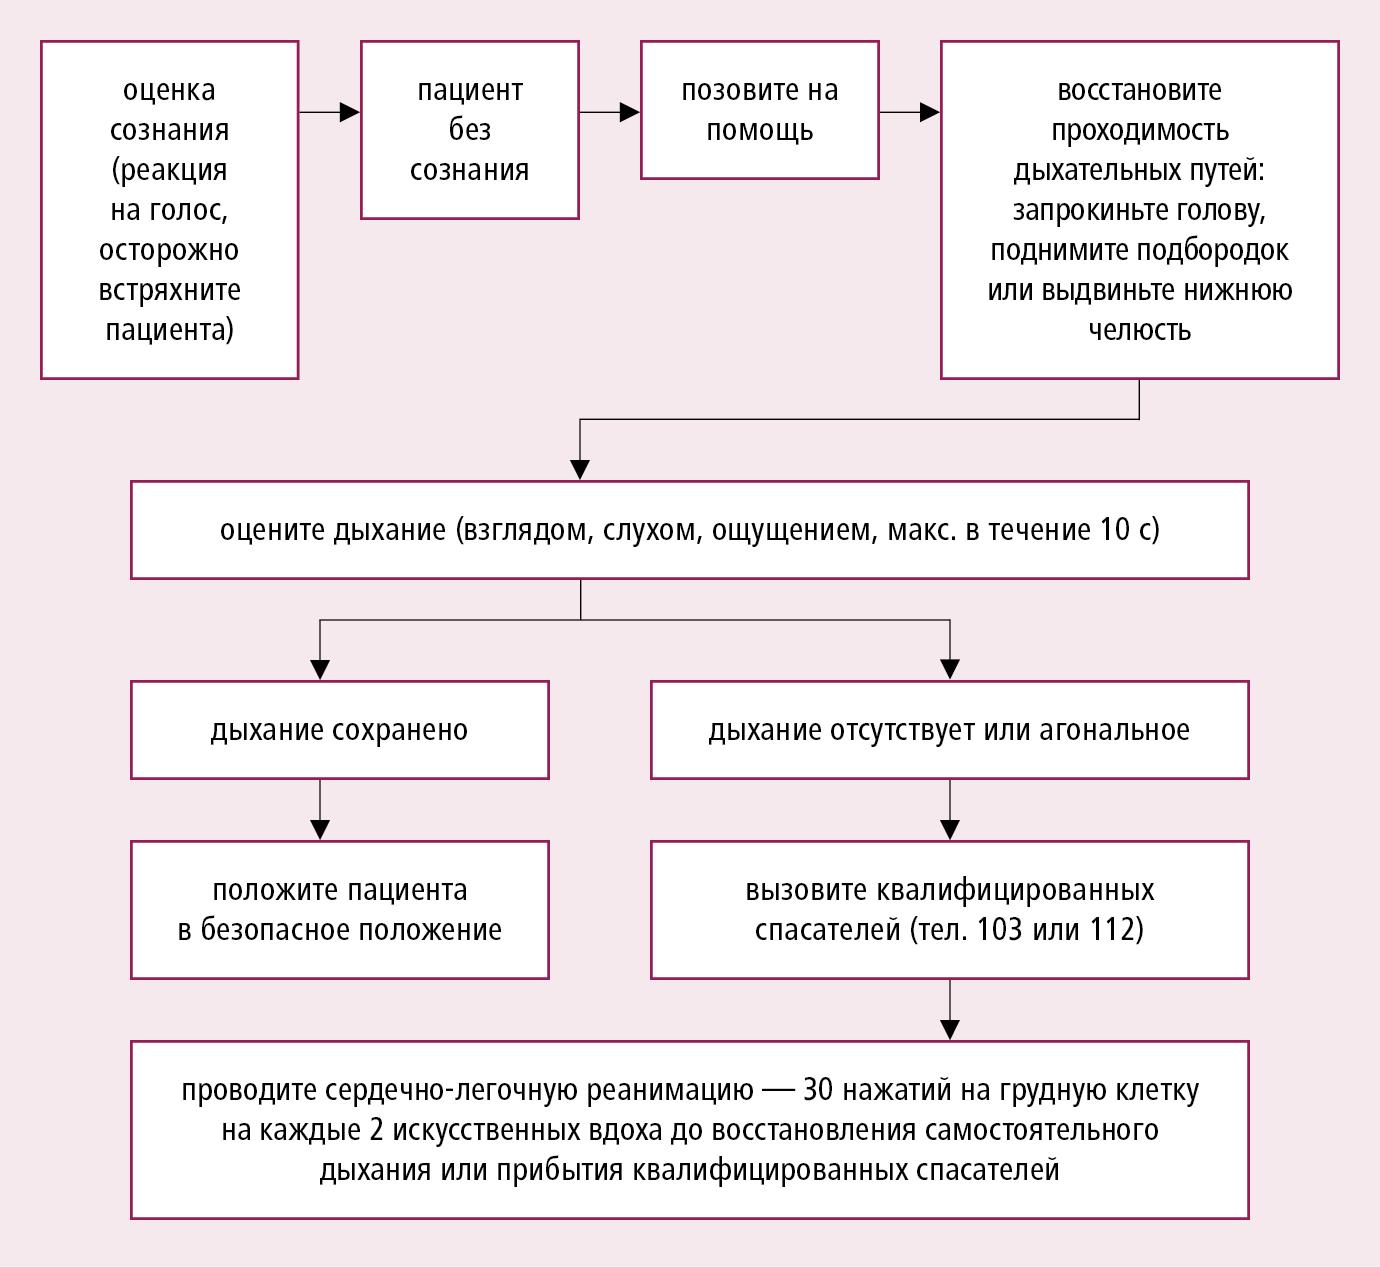 Алгоритм базовых реанимационных мероприятий — BLS (на основании рекомендаций ERC)